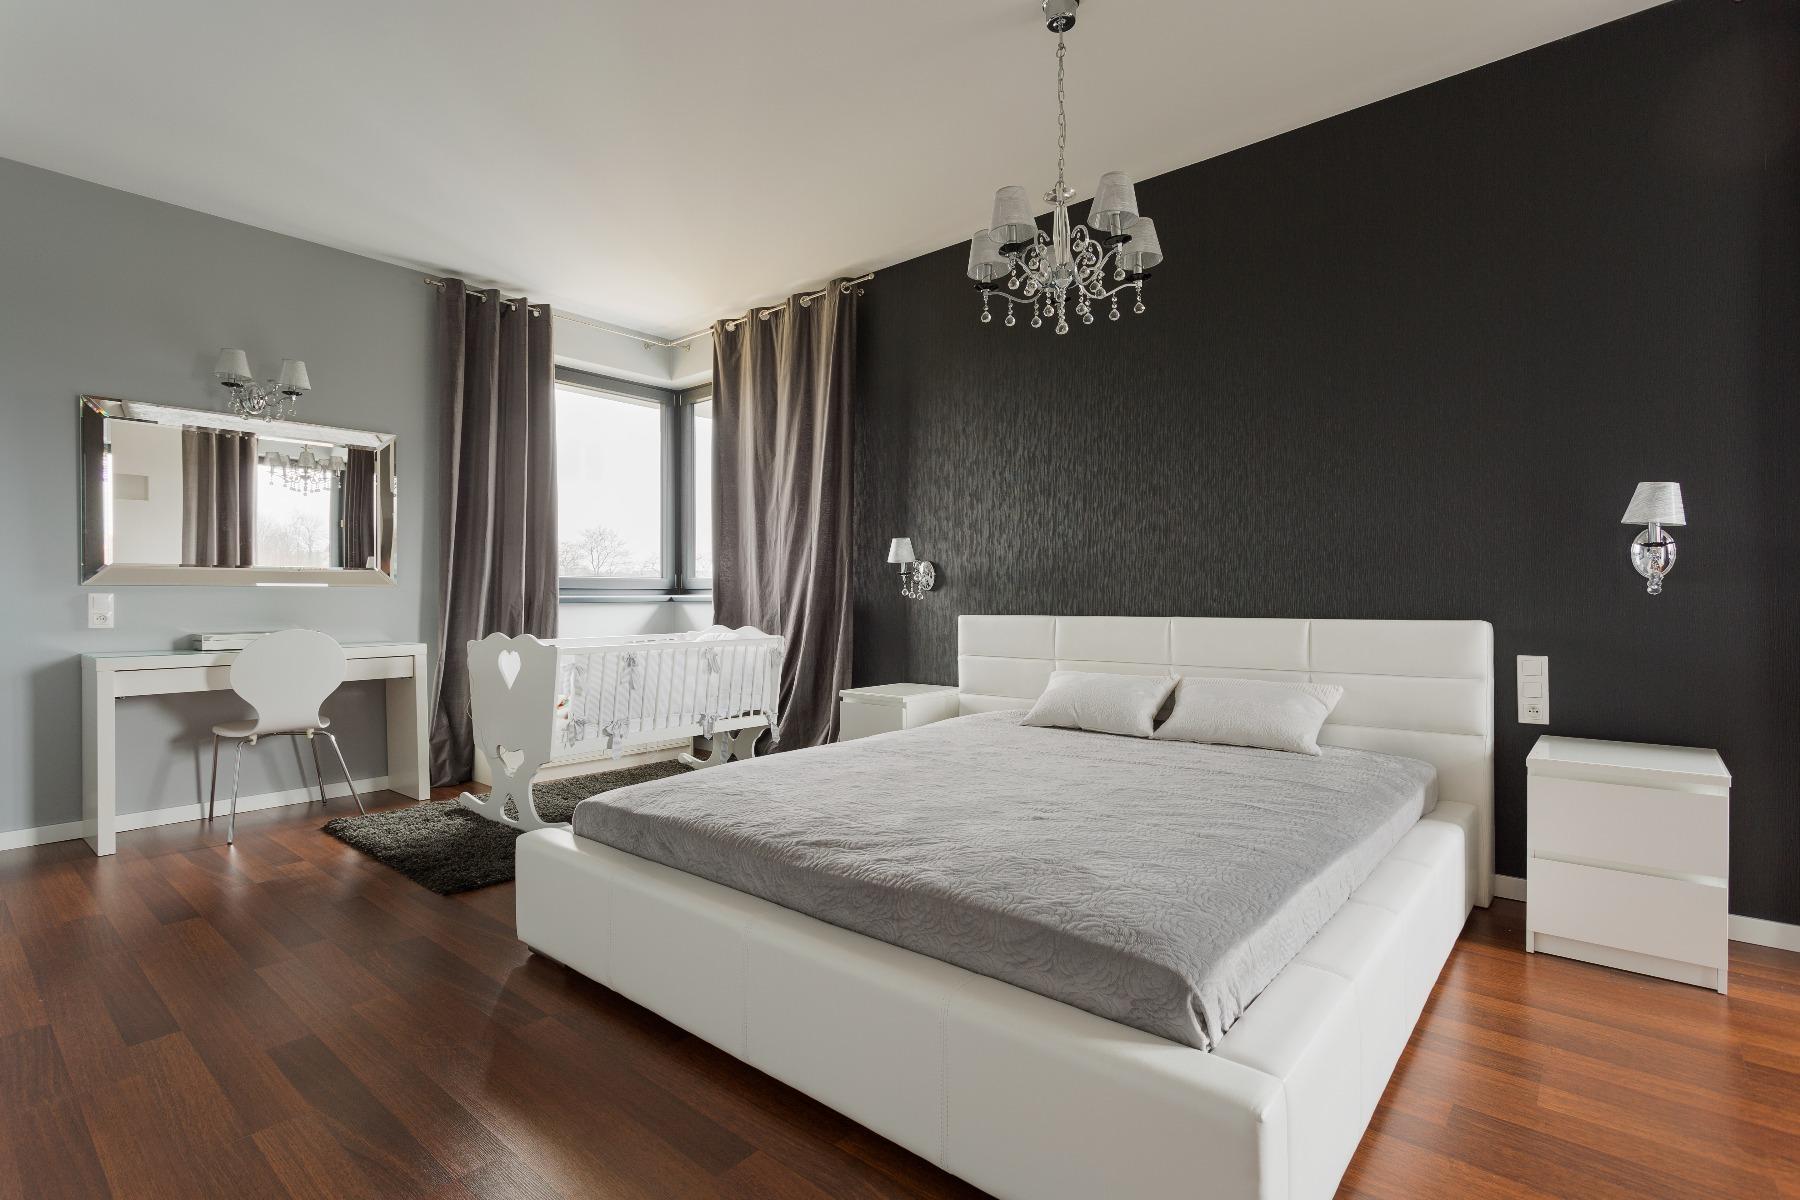 Das Bild zeigt Wohnideen für das Schlafzimmer.